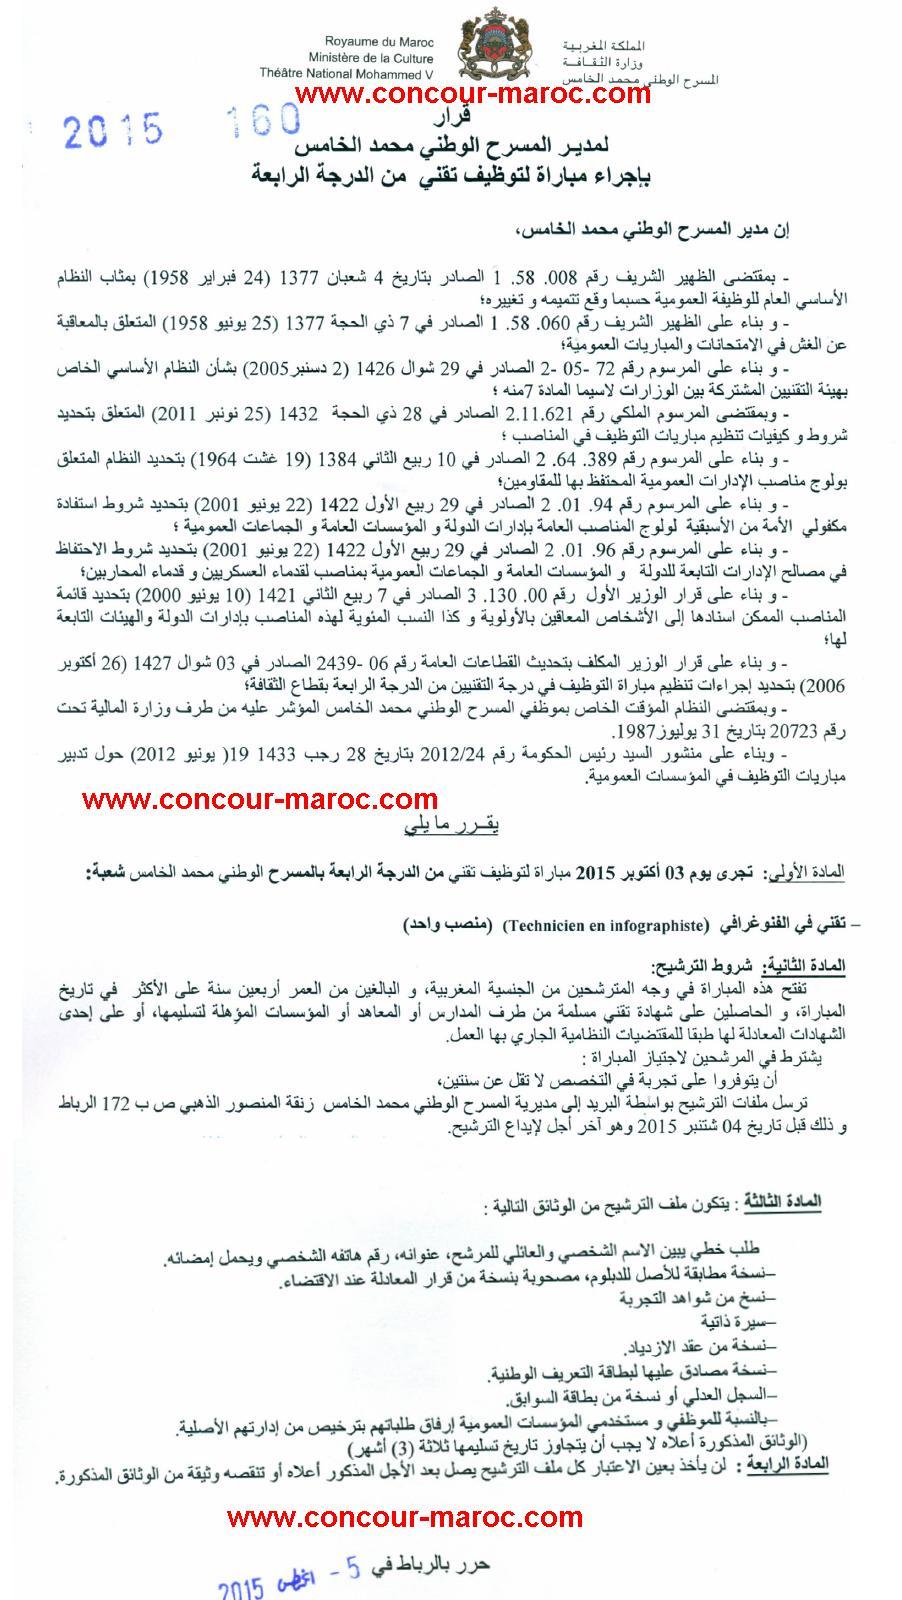 المسرح الوطني محمد الخامس : مباراة لتوظيف تقني من الدرجة الرابعة ~ سلم 8 (1 منصب) آخر أجل لإيداع الترشيحات  4 شتنبر 2015 Conco133